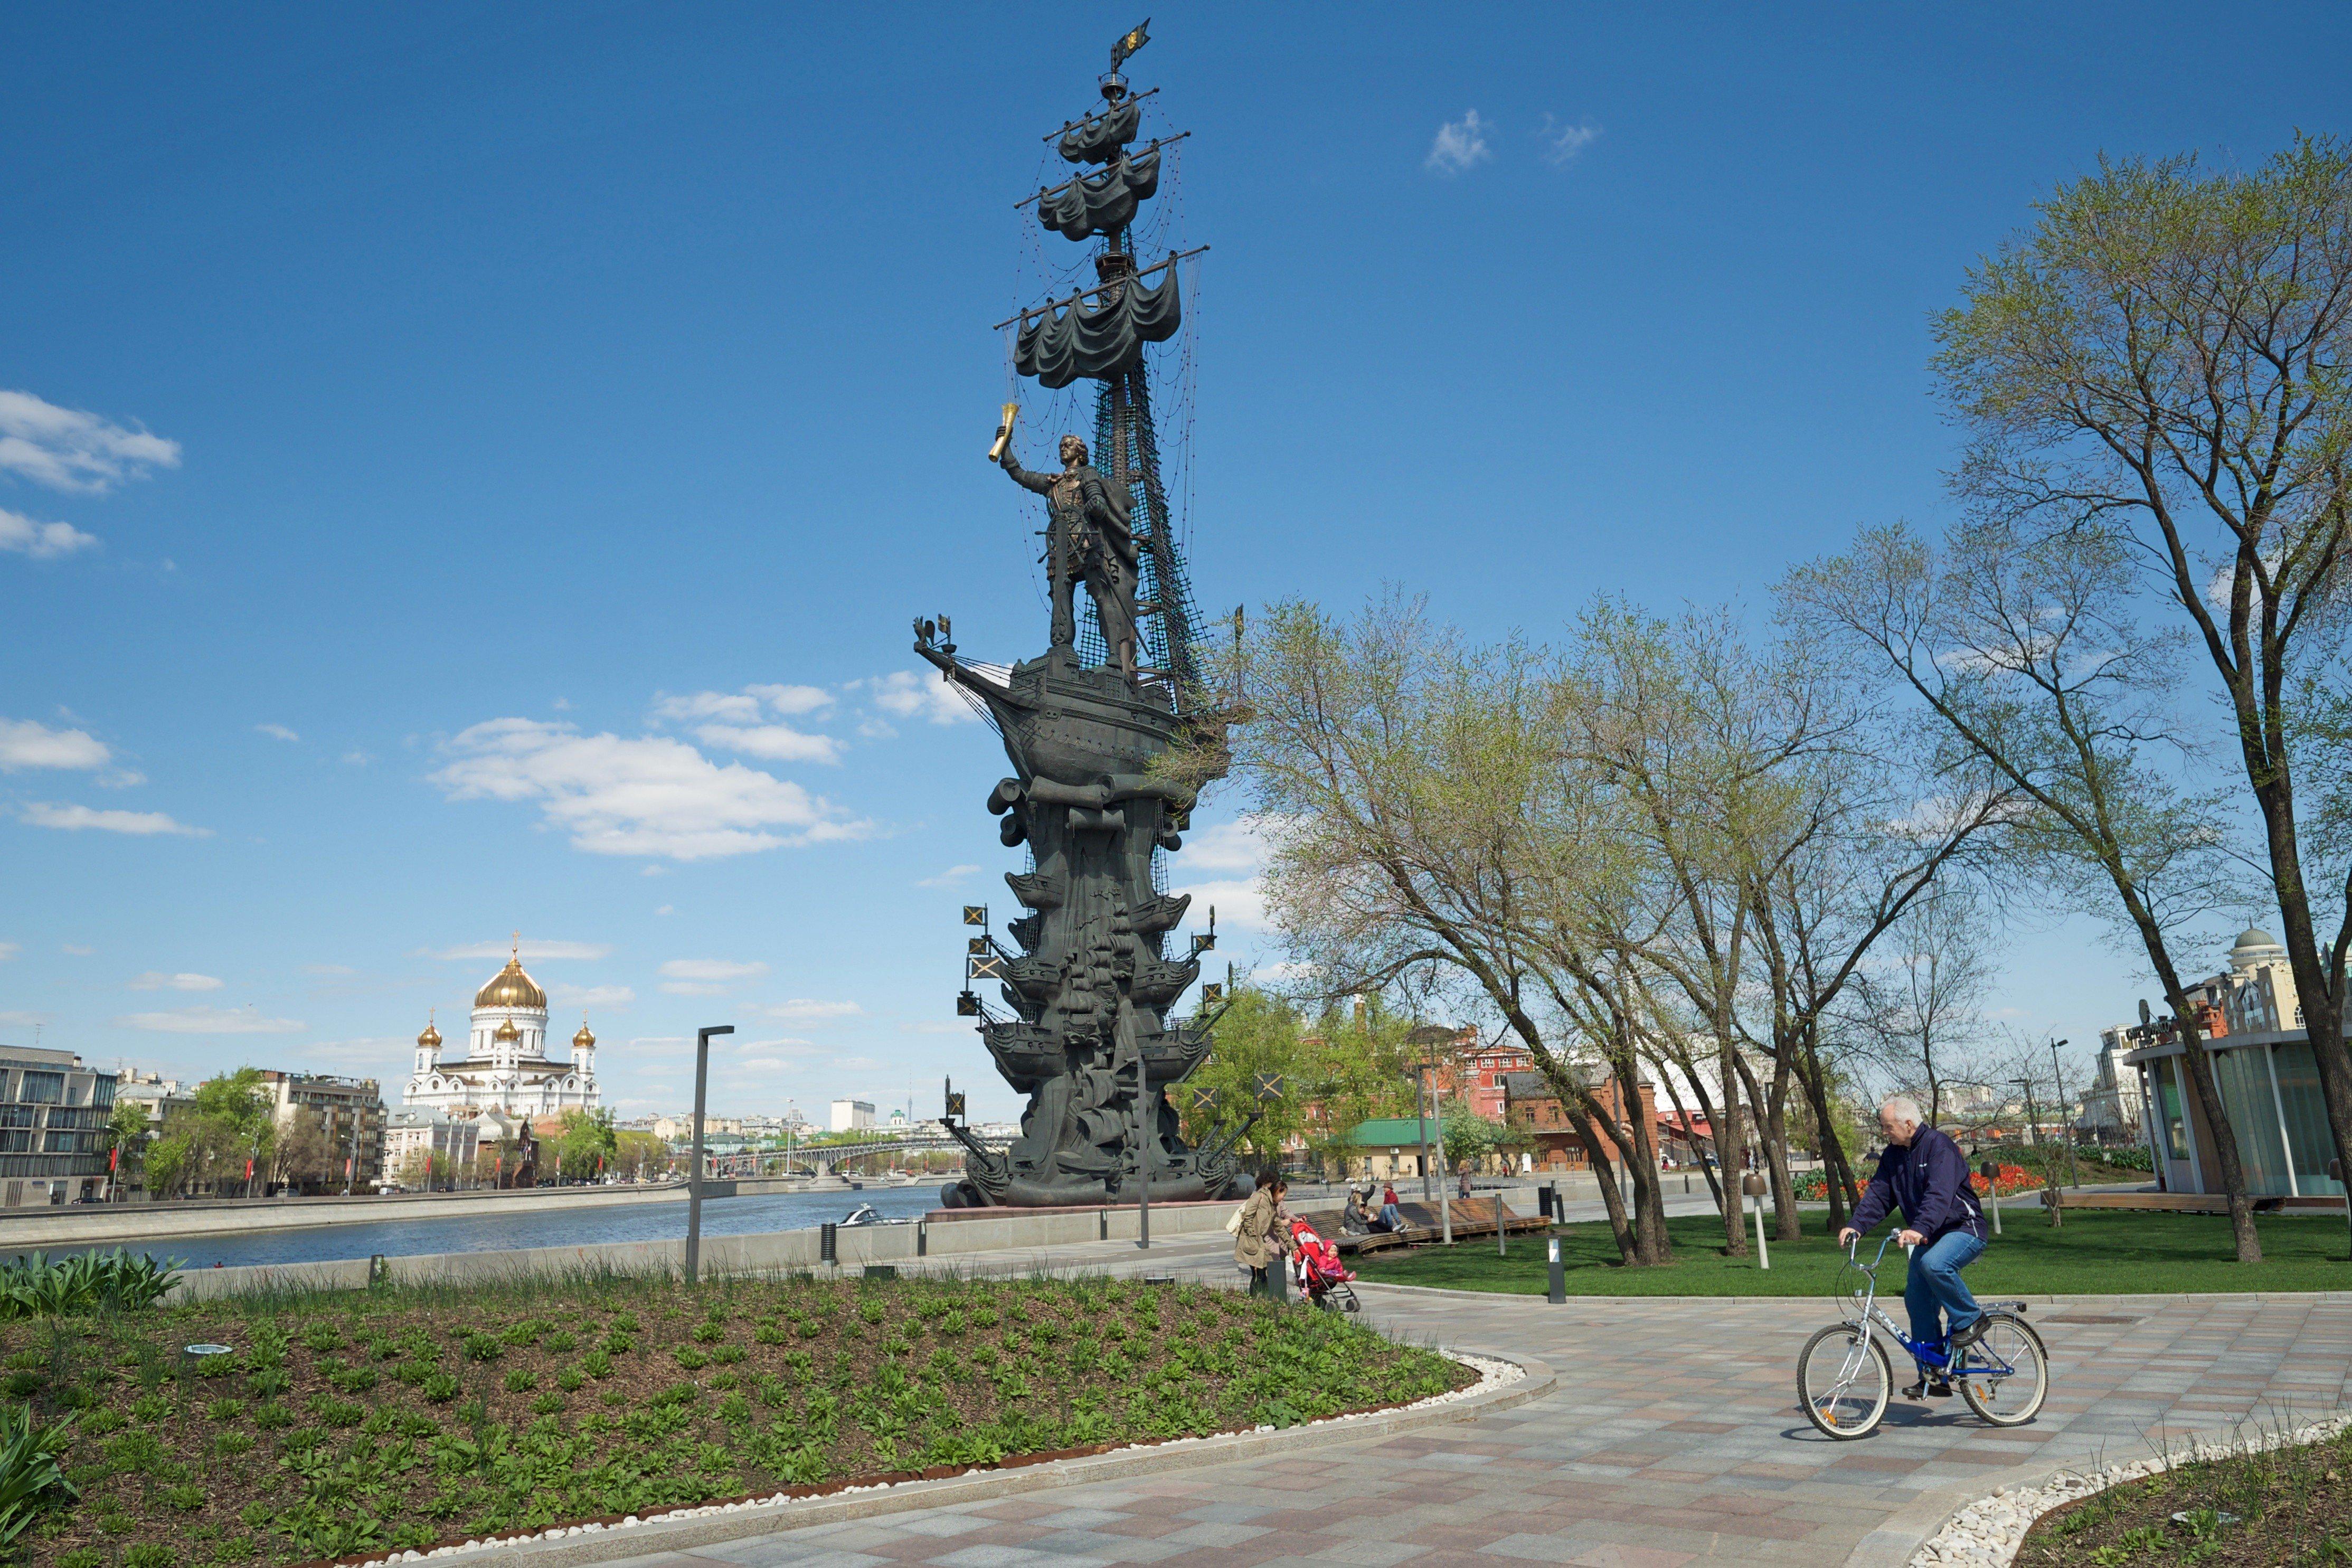 Памятник Зураба Церетели «В ознаменование 300-летия российского флота», или, как его еще называют иначе, — памятник Петру Великому / Агентство городских новостей «Москва»